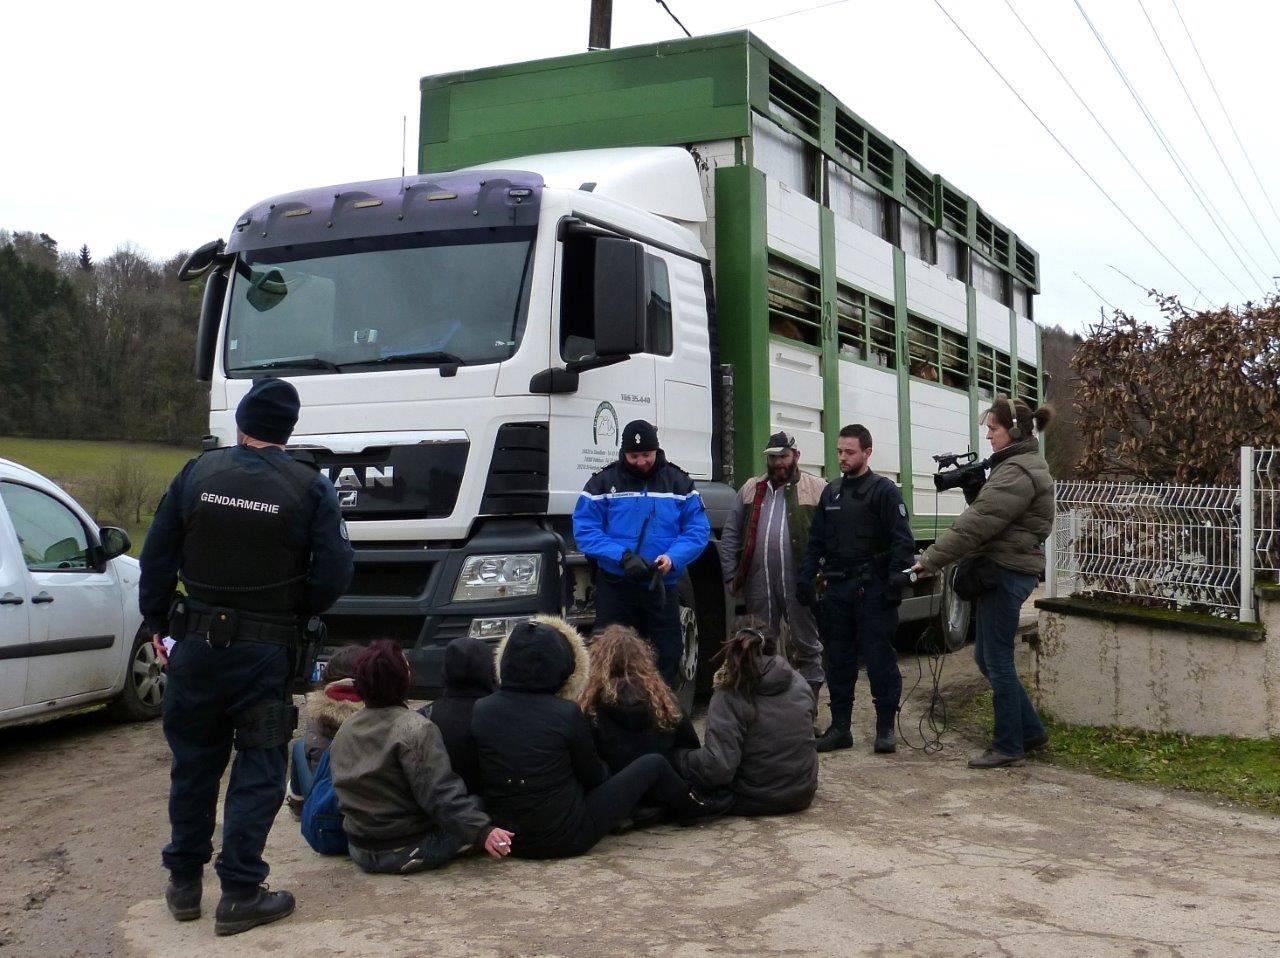 Les vaches maltraitées de Saint-Vit. Blocage des camions au départ vers l'abattoir | Photo Humanimo